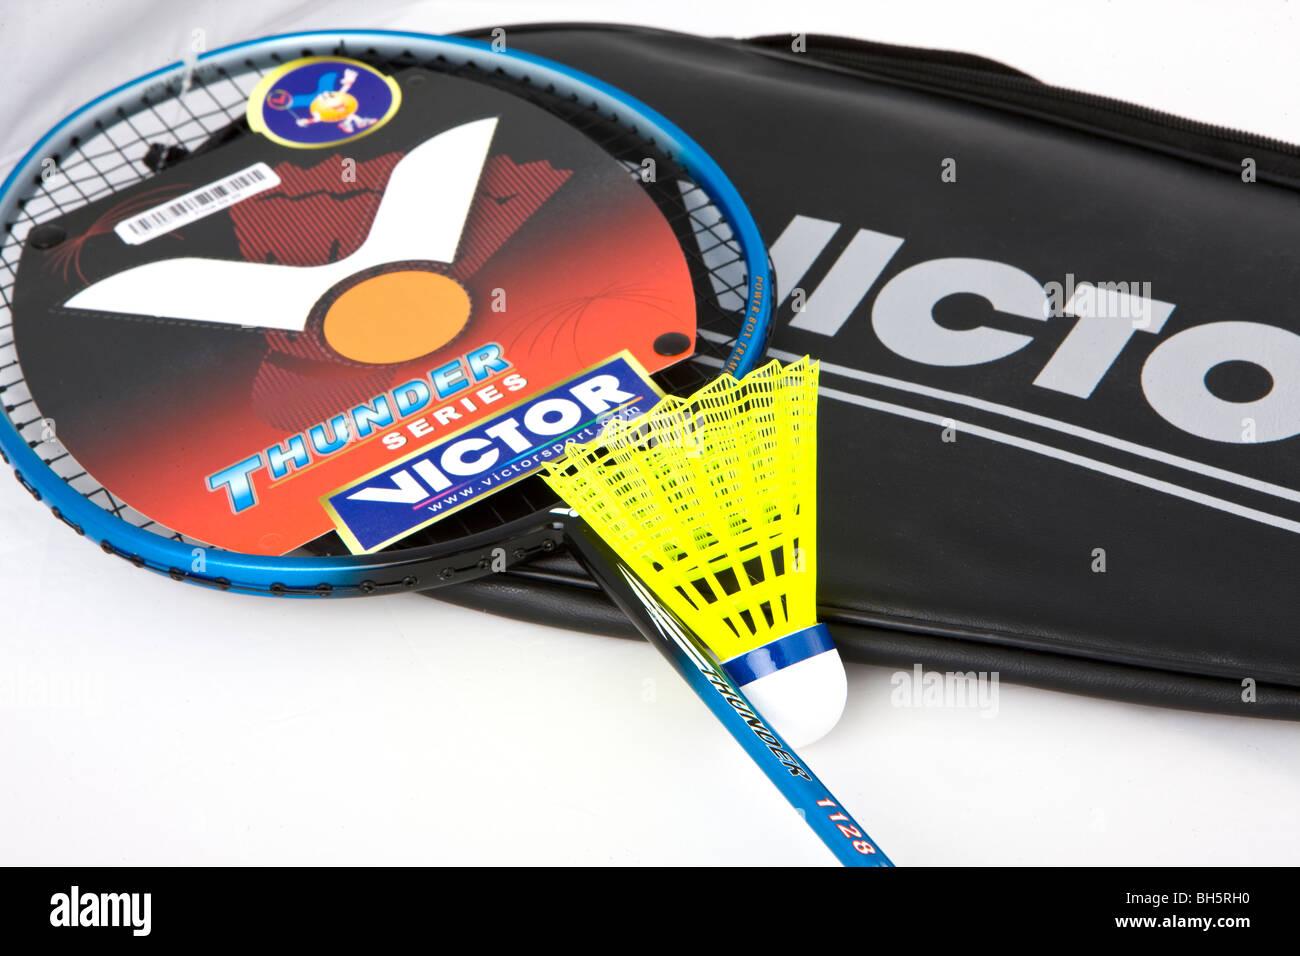 Badminton racchetta e volano nuovo di zecca Immagini Stock